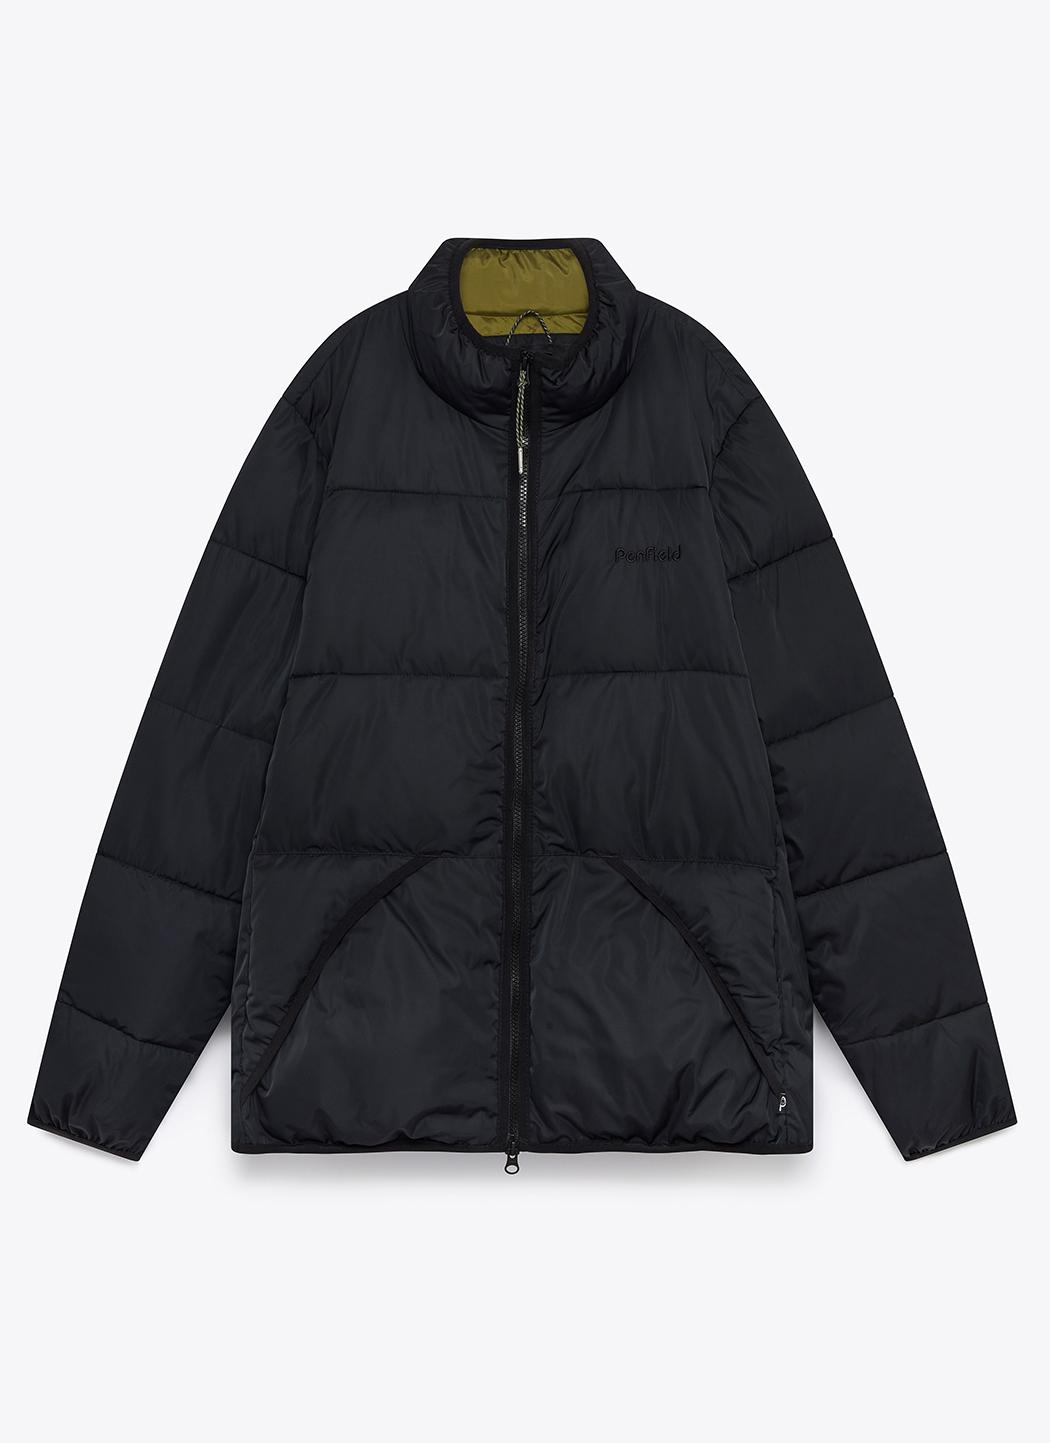 Penfield Walkabout jakke